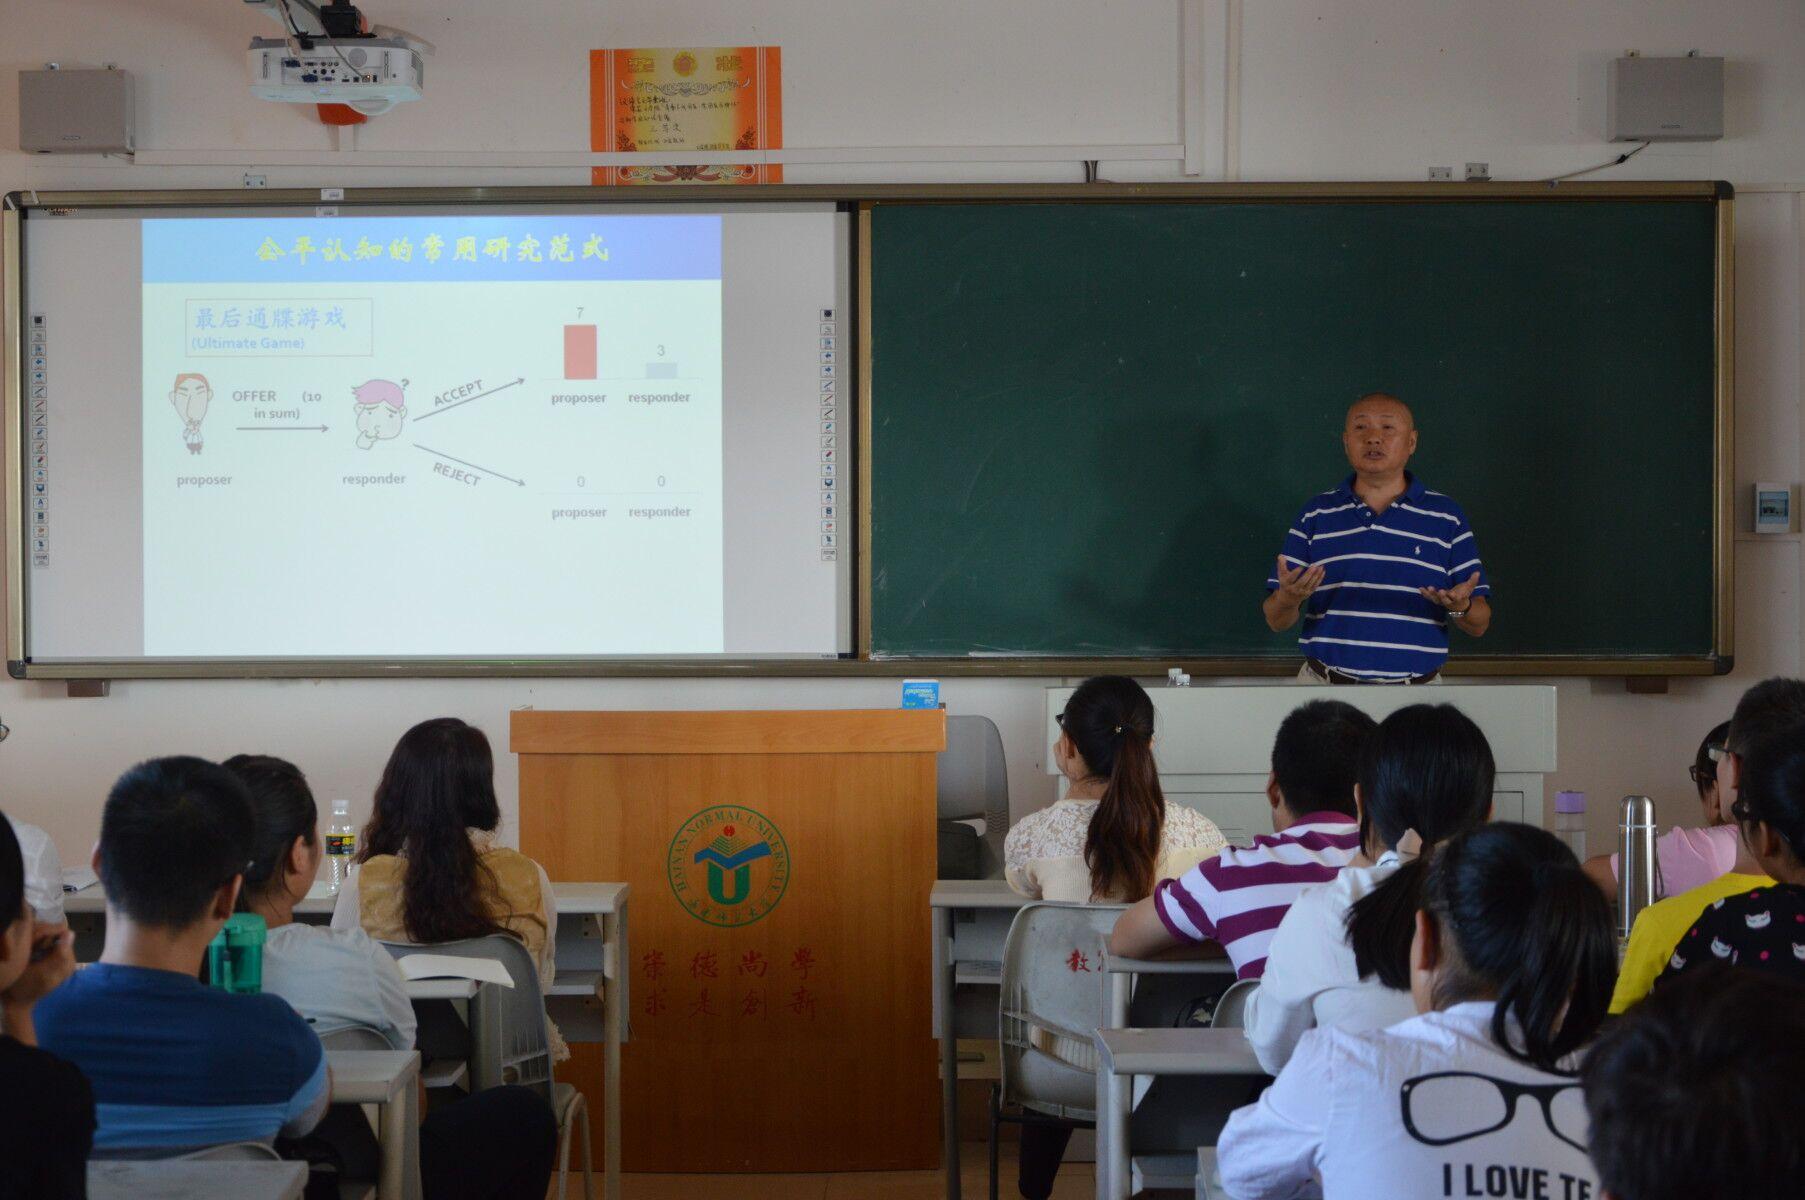 教育科学学院邀请罗跃嘉教授作心理学学术讲座